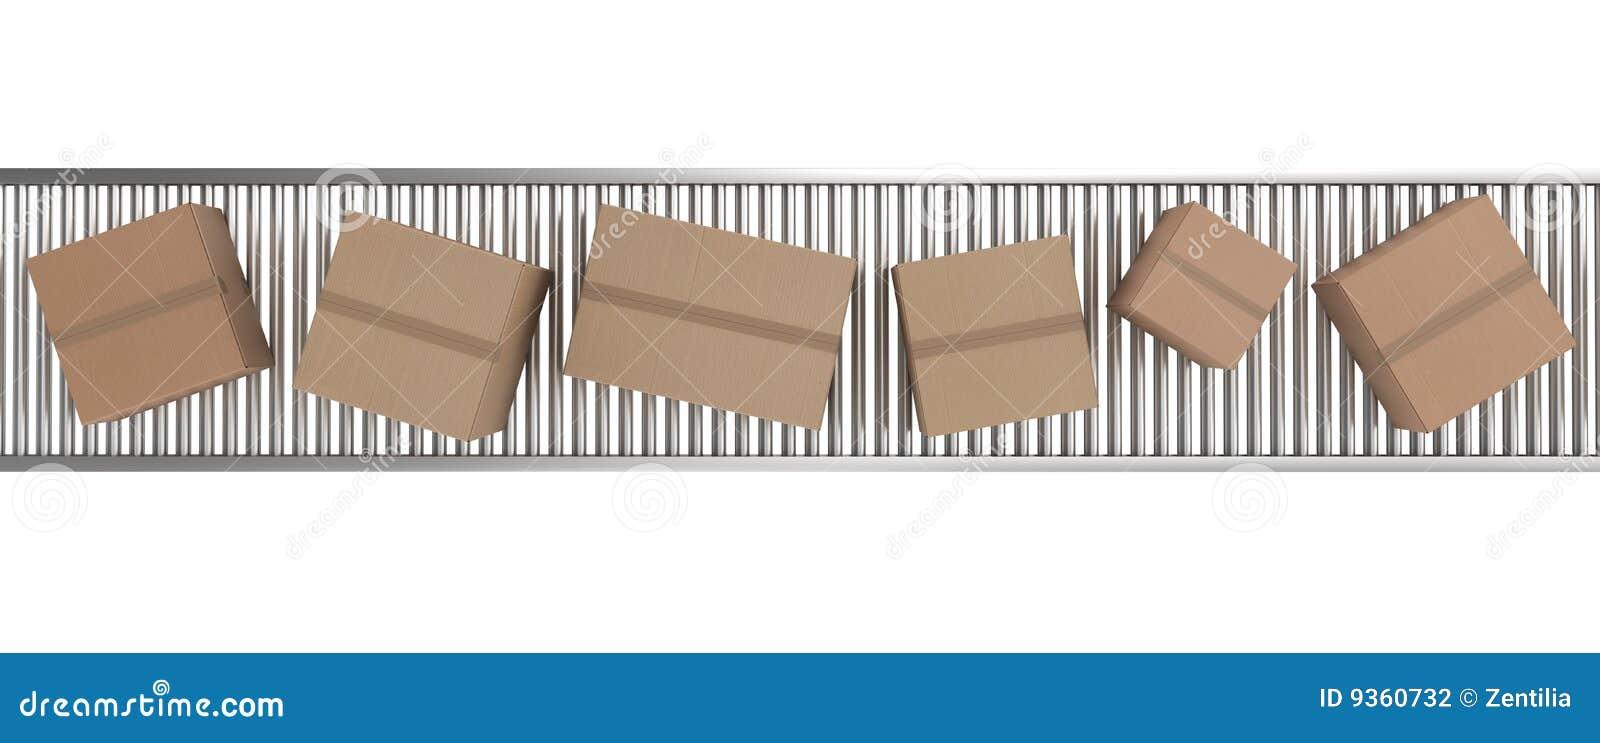 传送带把纸板传动机装箱